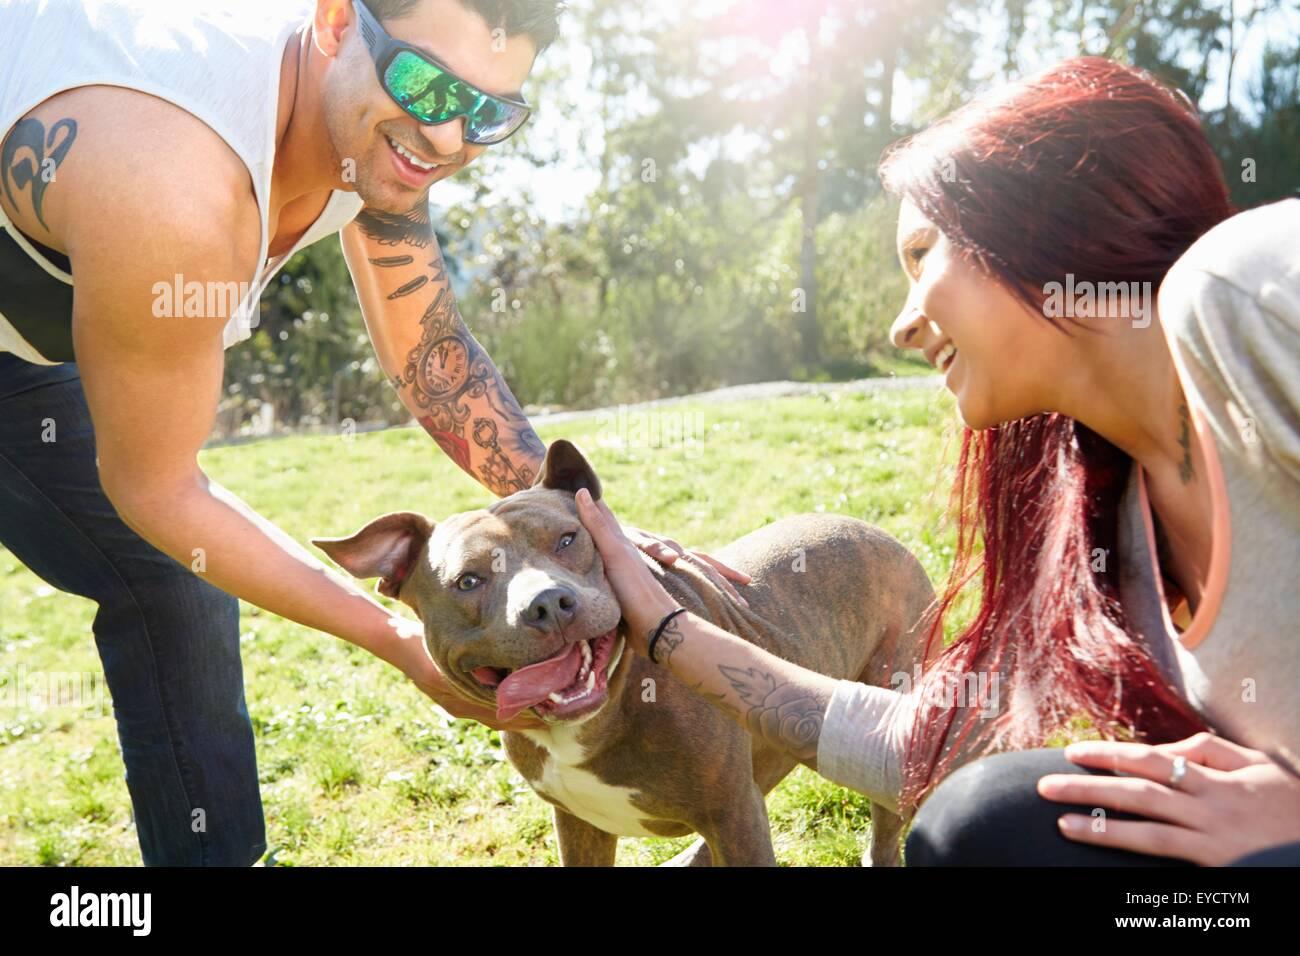 Junges Paar Petting Hund im park Stockbild